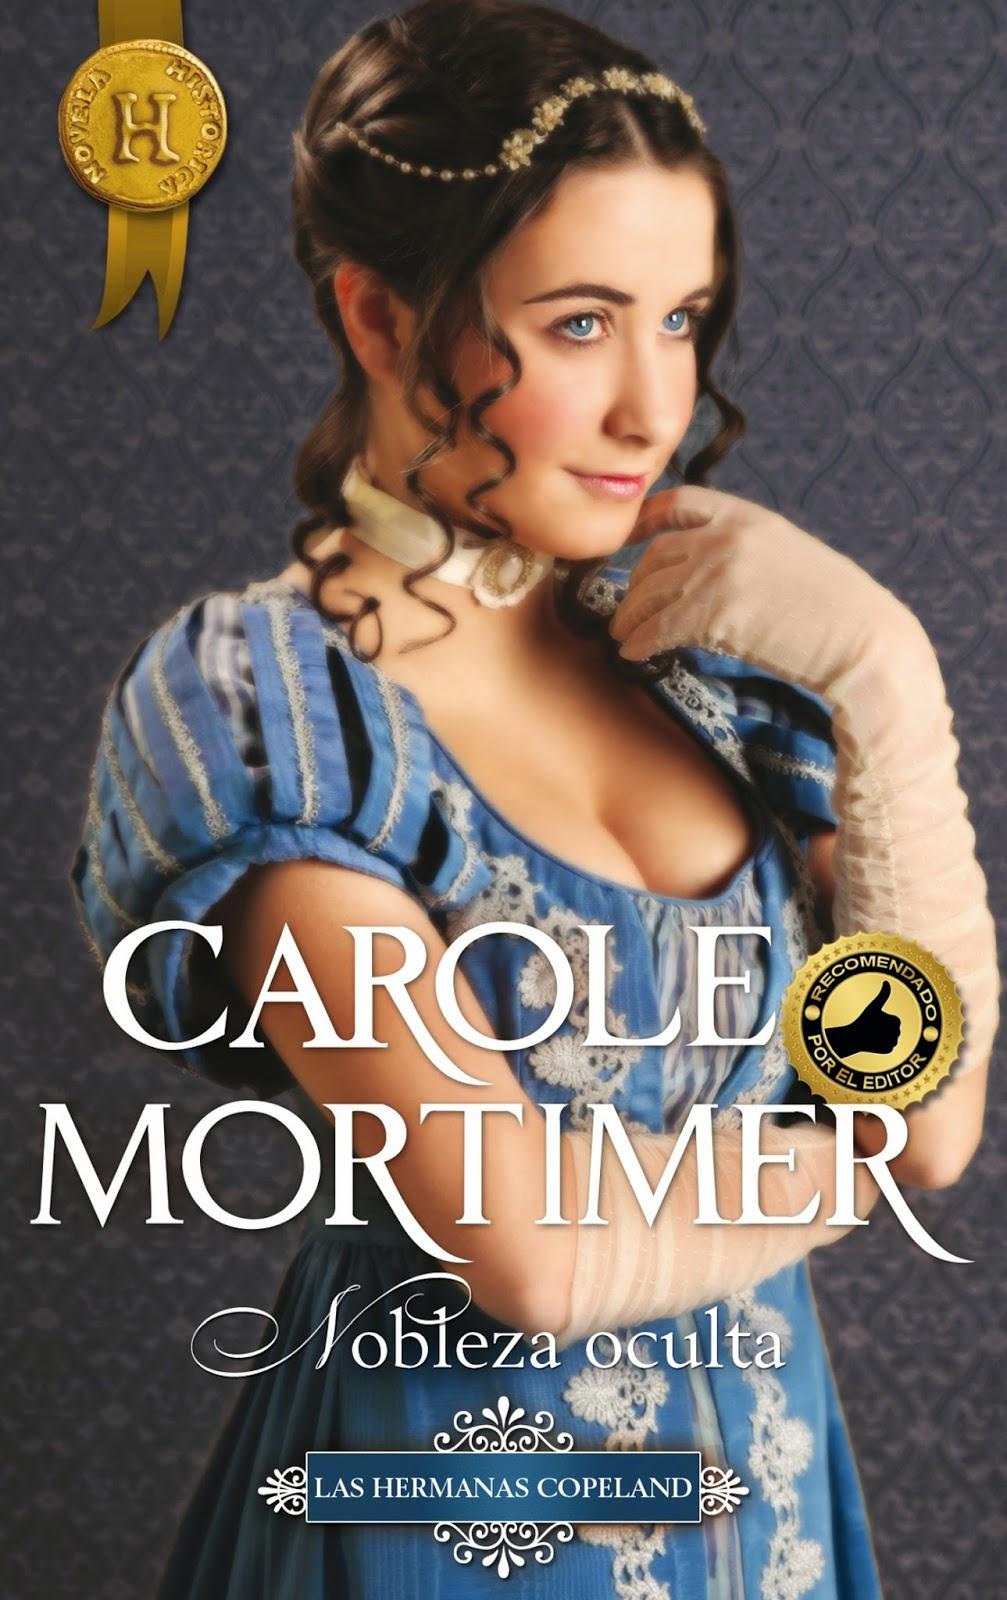 Serie Hermanas Copeland 1, 2 , 3 - Carole Mortimer (Rom) 3